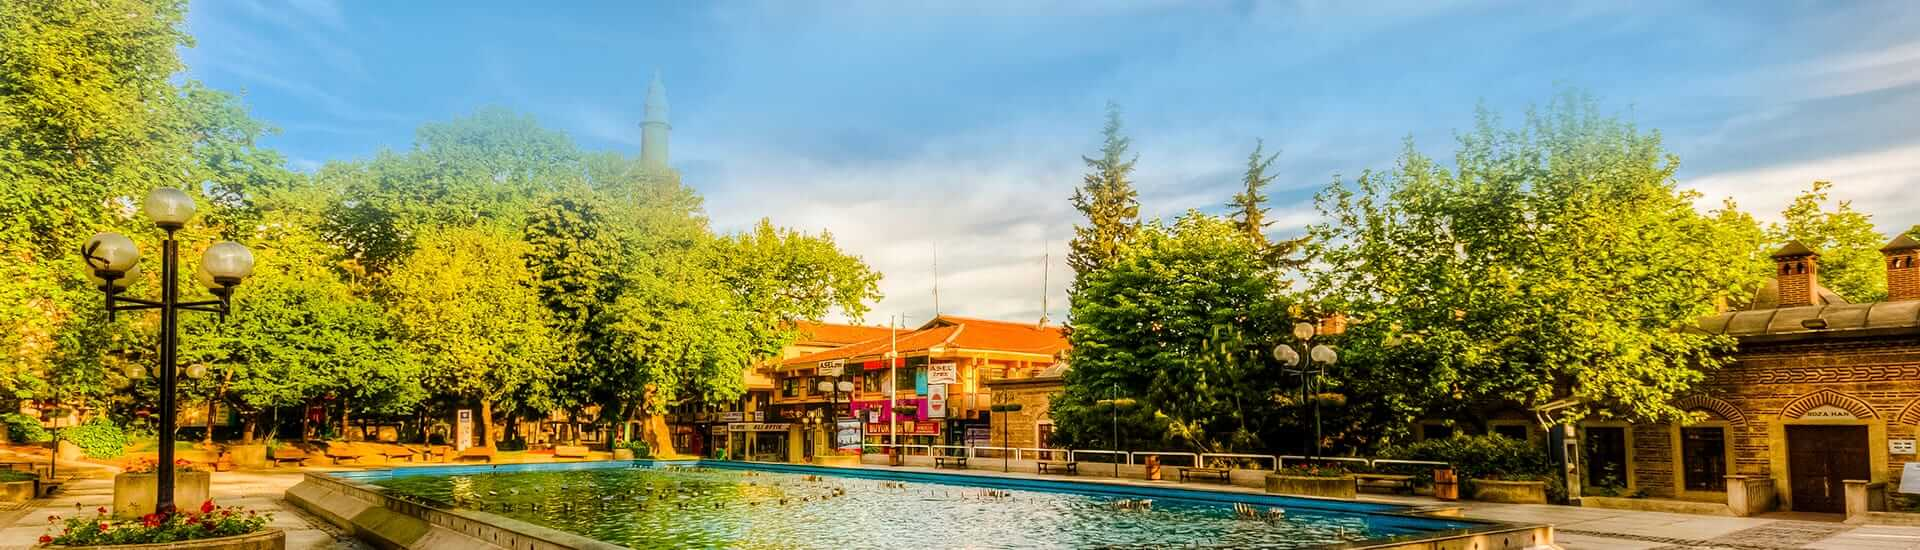 Kestel (Bursa)